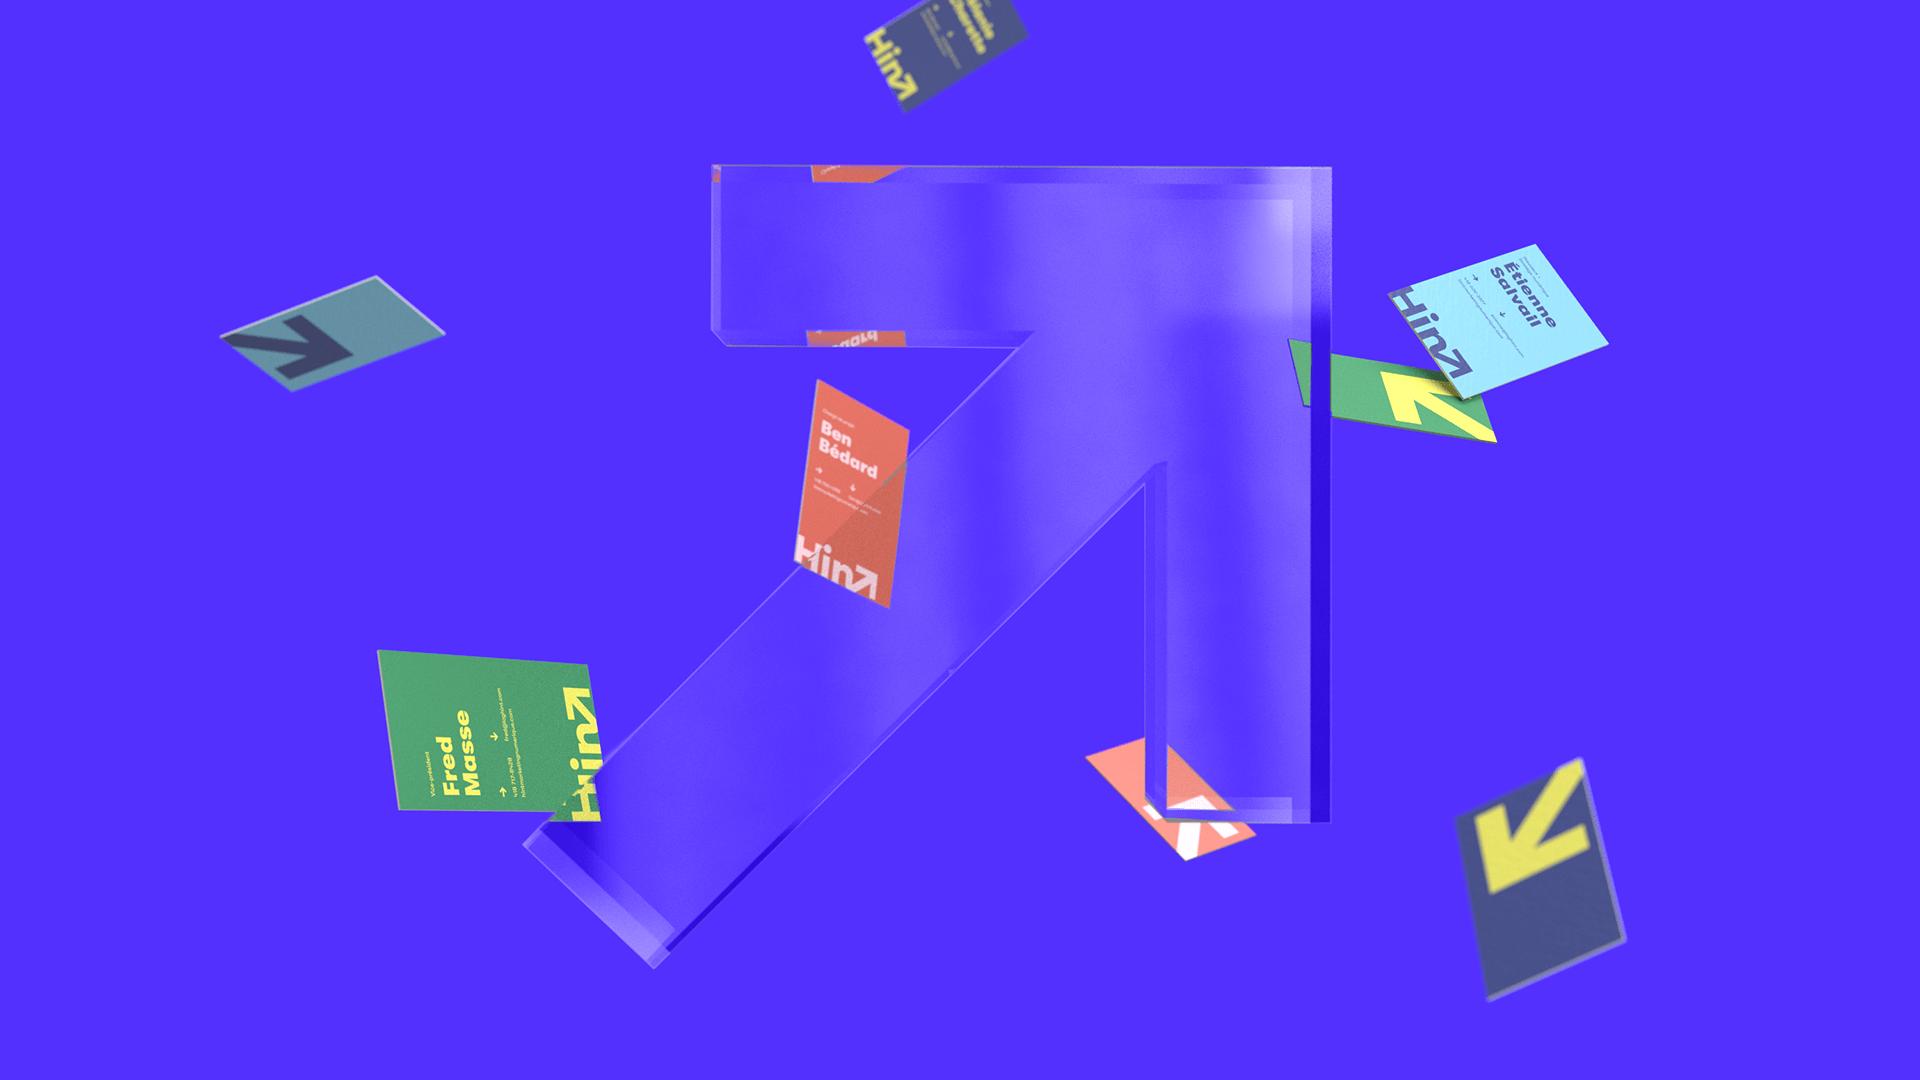 Branding | Flèche 3D transparente avec des cartes d'affaires qui tombent en arrière plan | Hint - Marketing numérique